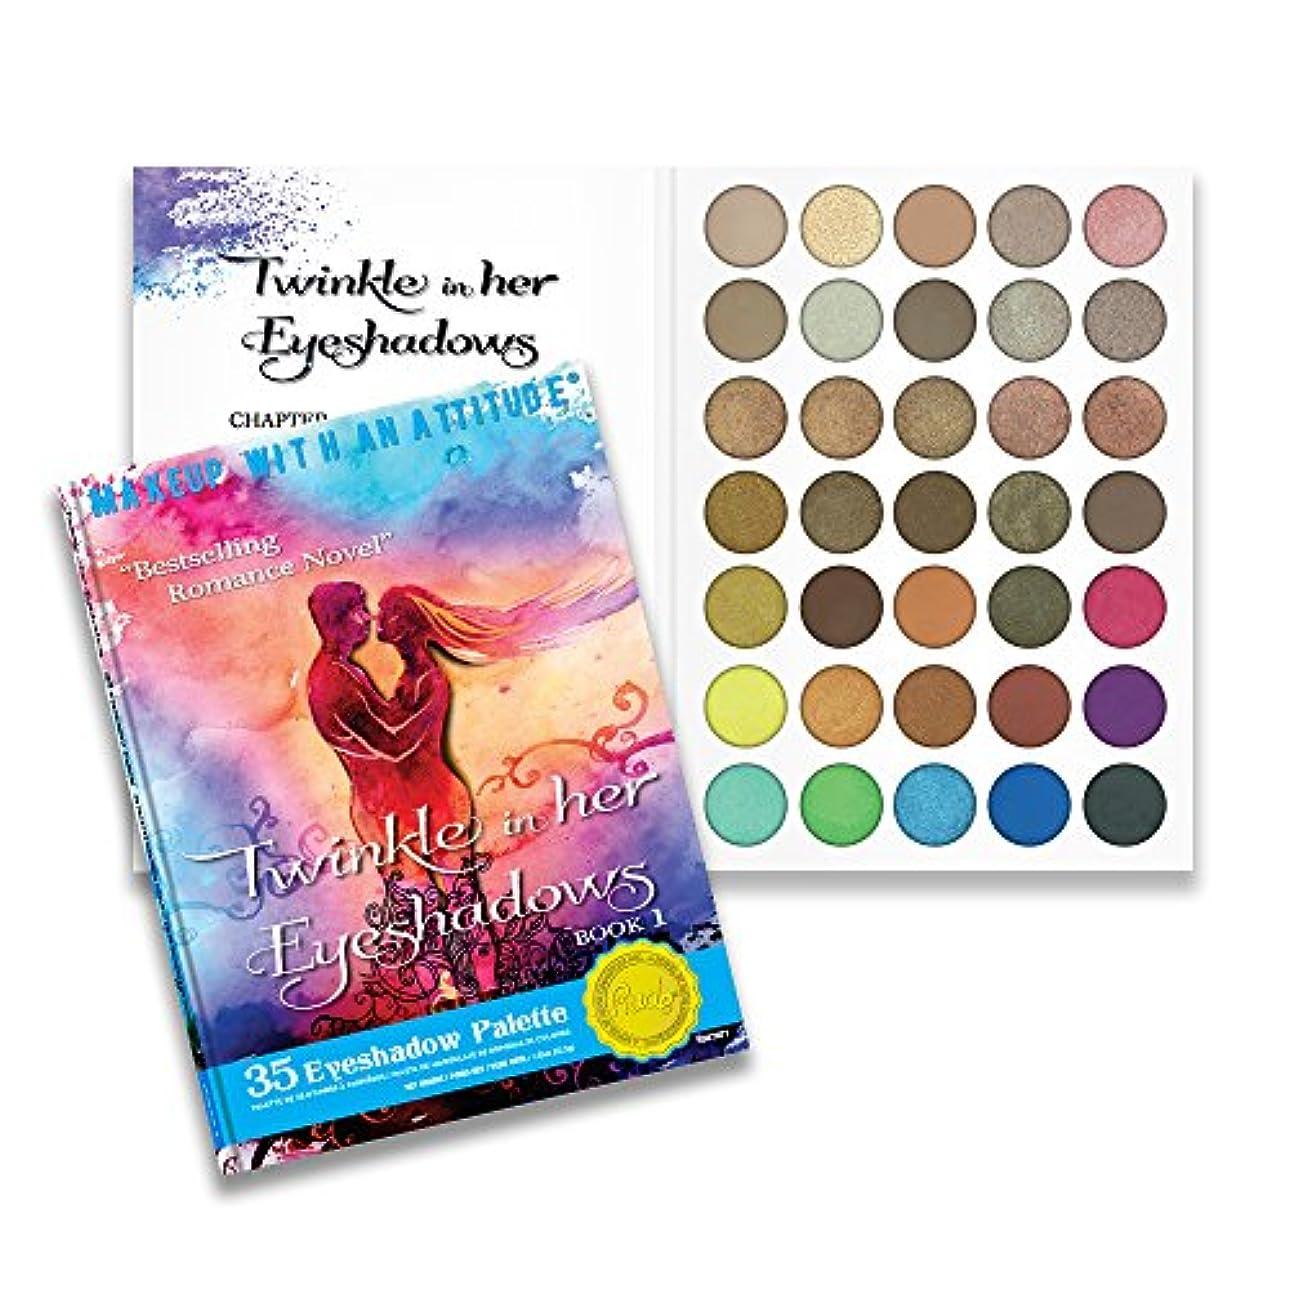 不忠レガシー中古RUDE Twinkle In Her Eyeshadows 35 Eyeshadow Palette - Book 1 (並行輸入品)